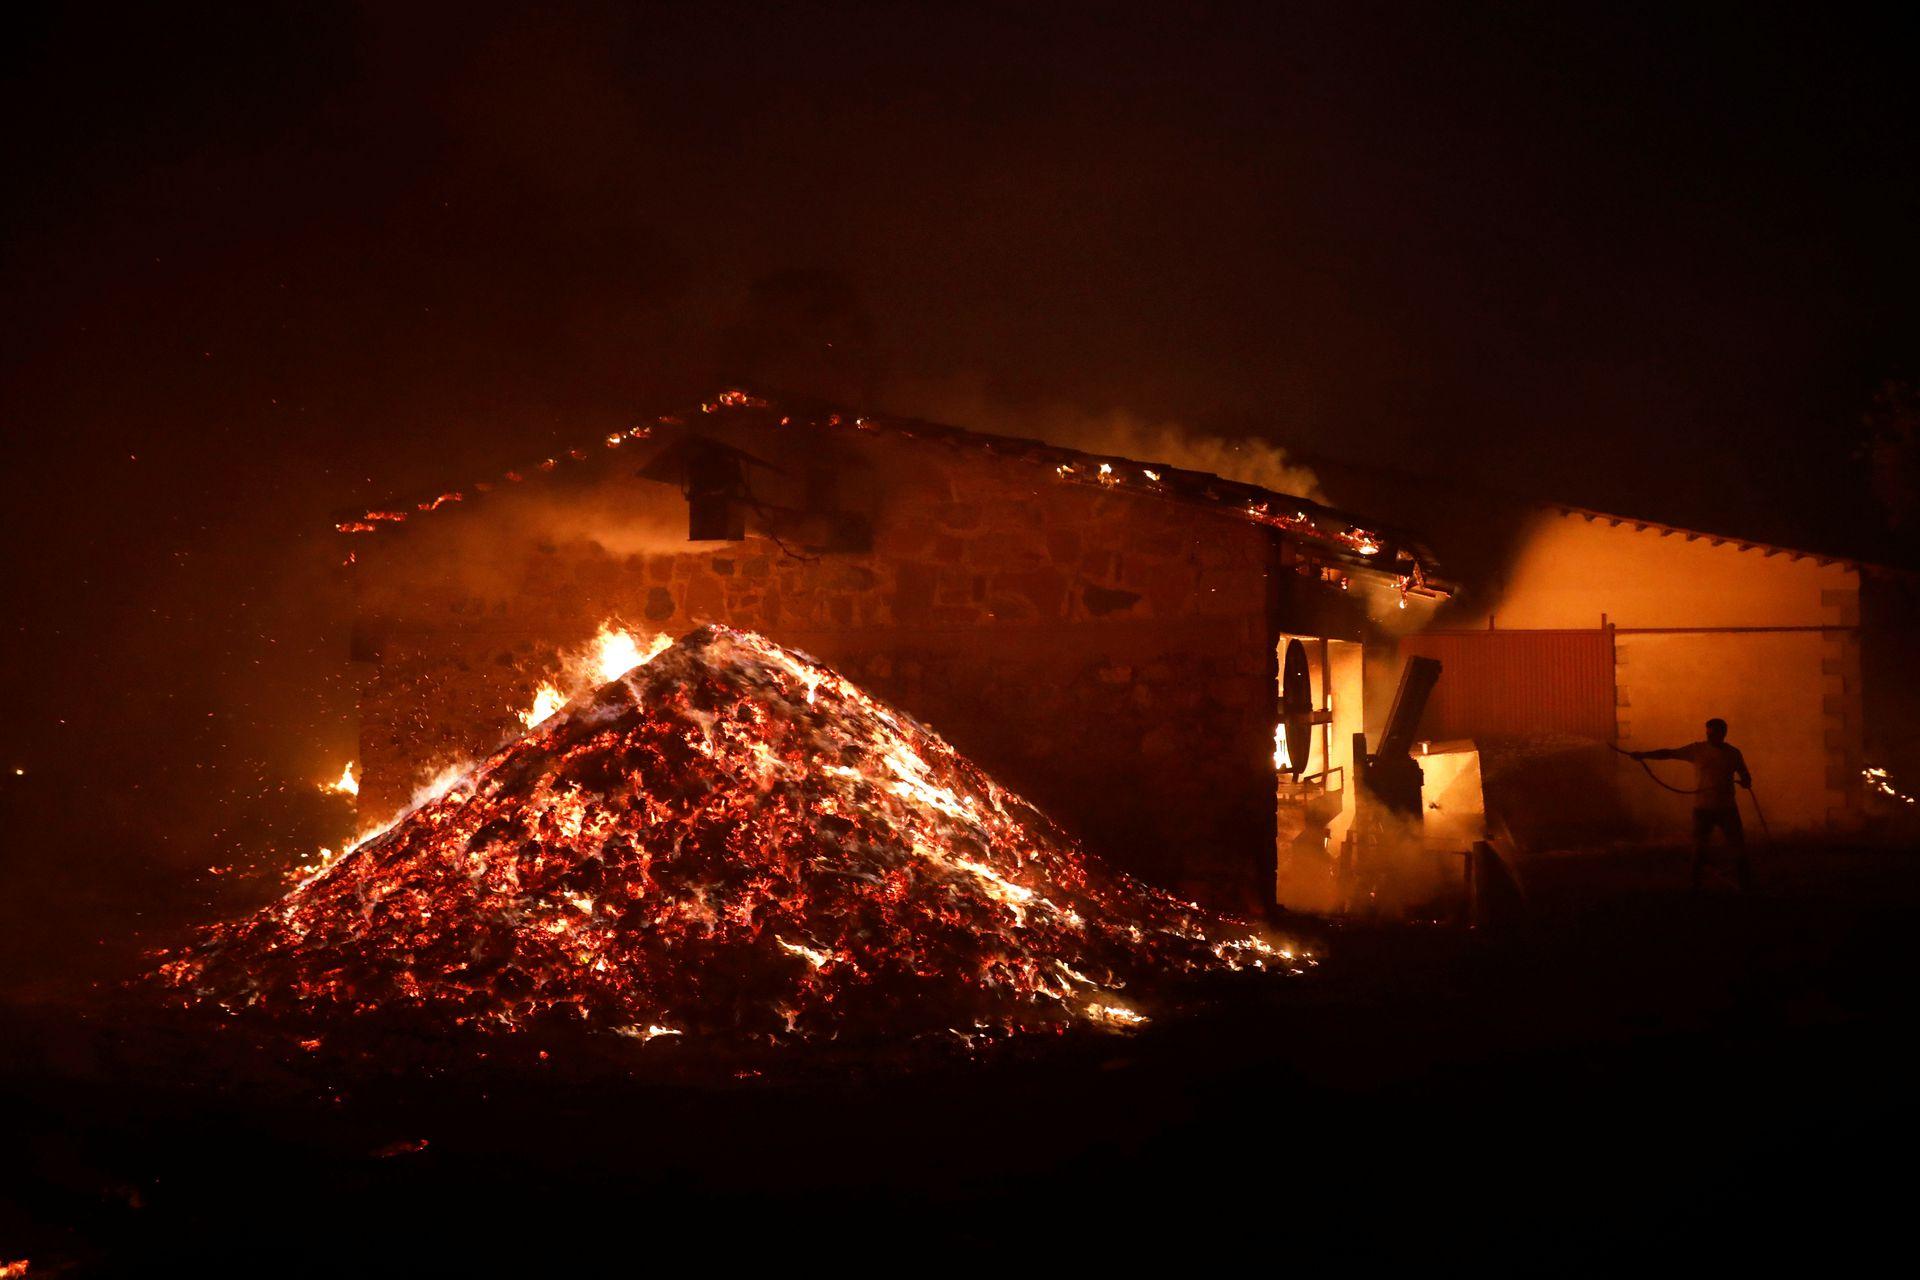 В Греции бушуют пожары. Сгореть может древняя Олимпия